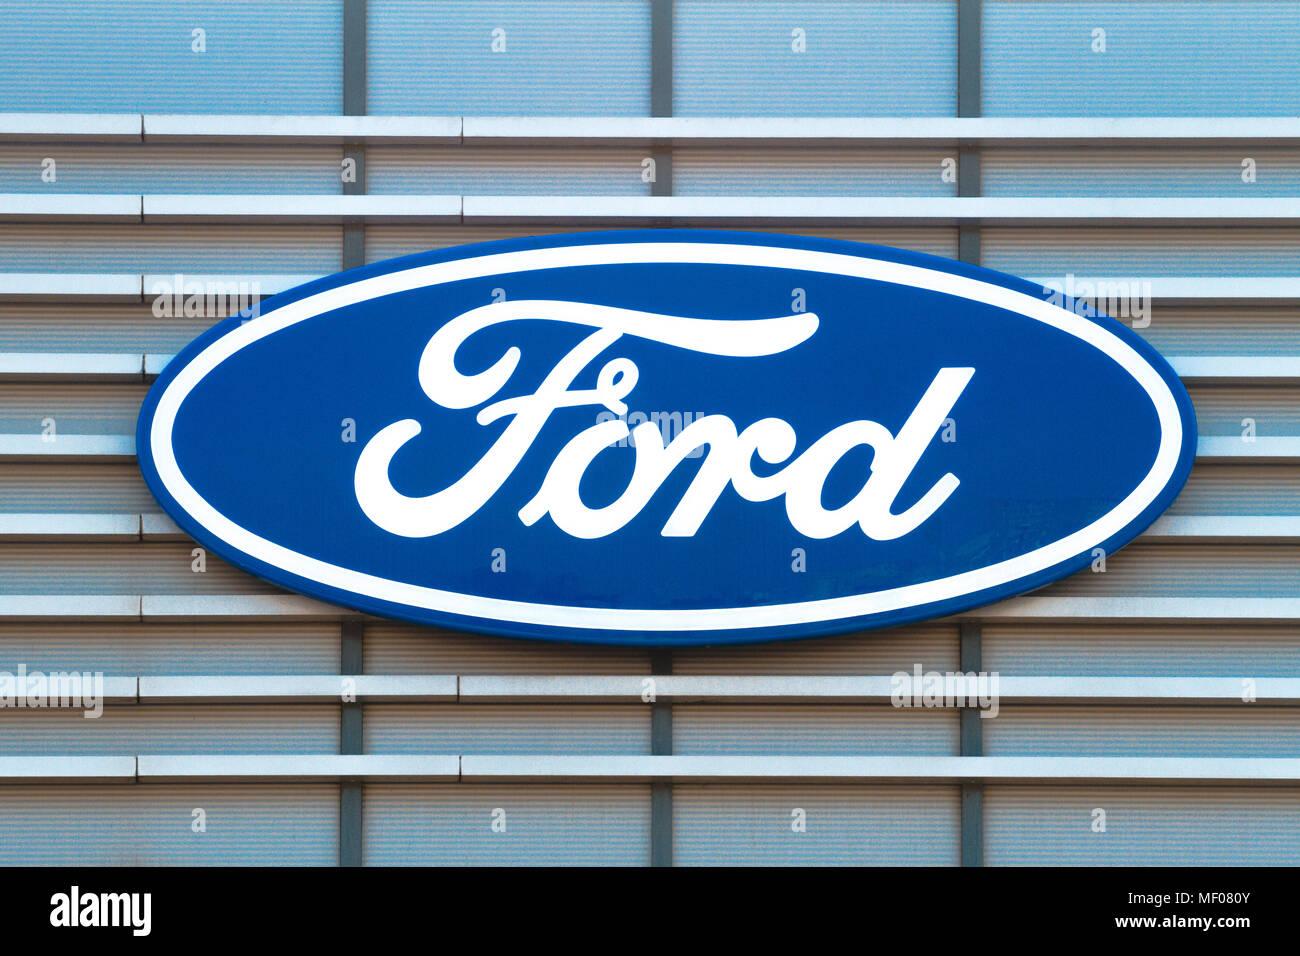 Ford Logo auf den Aufbau des Betriebs. Der Ford Motor Company ist eine US-amerikanische multinationale Automobilunternehmen in Dearborn, Michigan gehabt. Stockbild